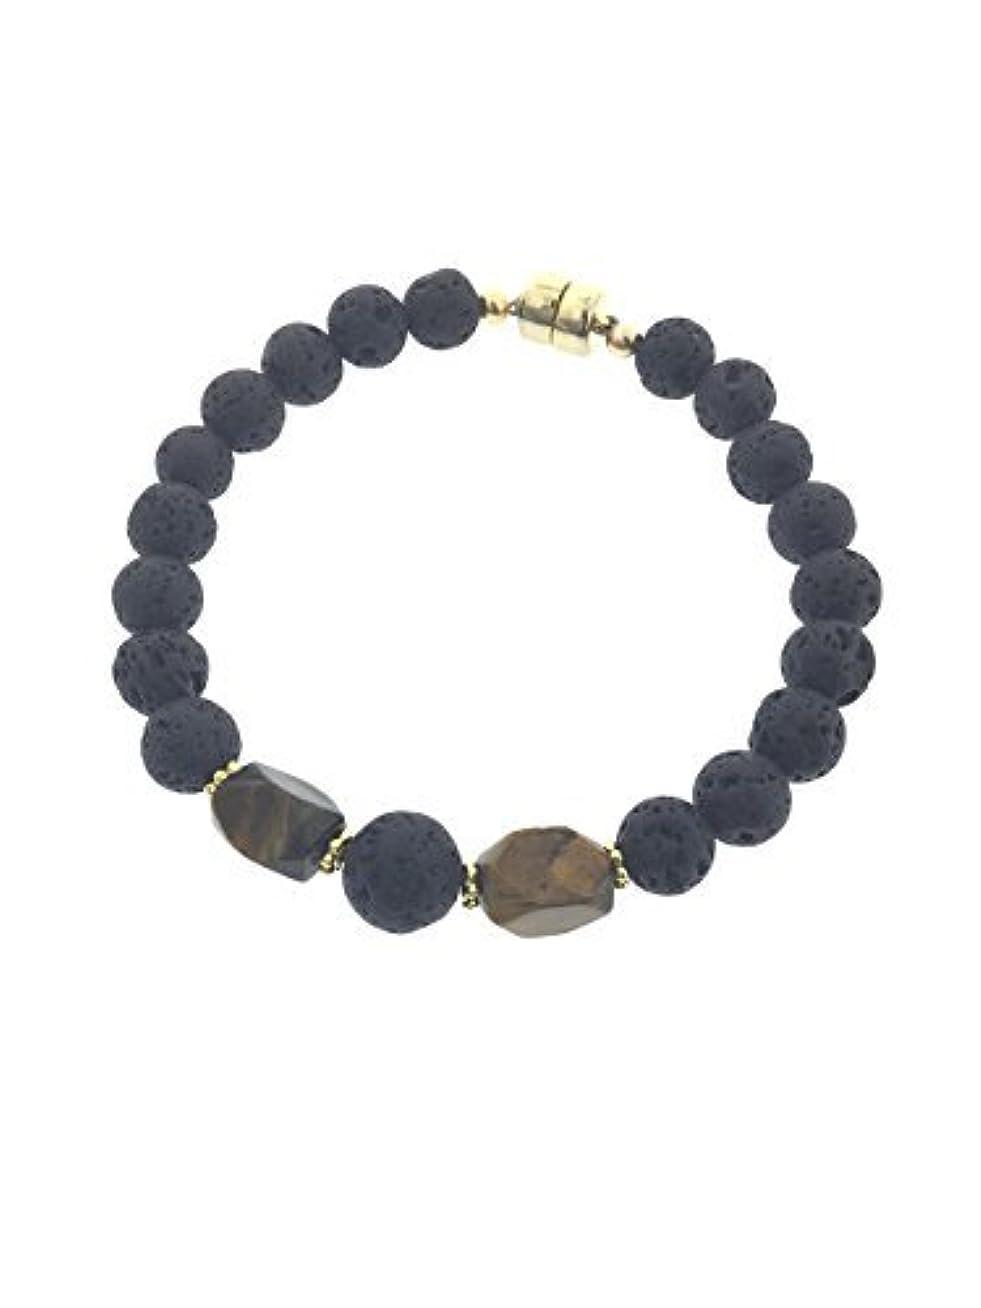 変える好奇心成功Tiger-eye and Lava Essential Oil Diffuser Bracelet with Gold-Filled Rare Earth Magnetic Clasp - XLarge [並行輸入品]